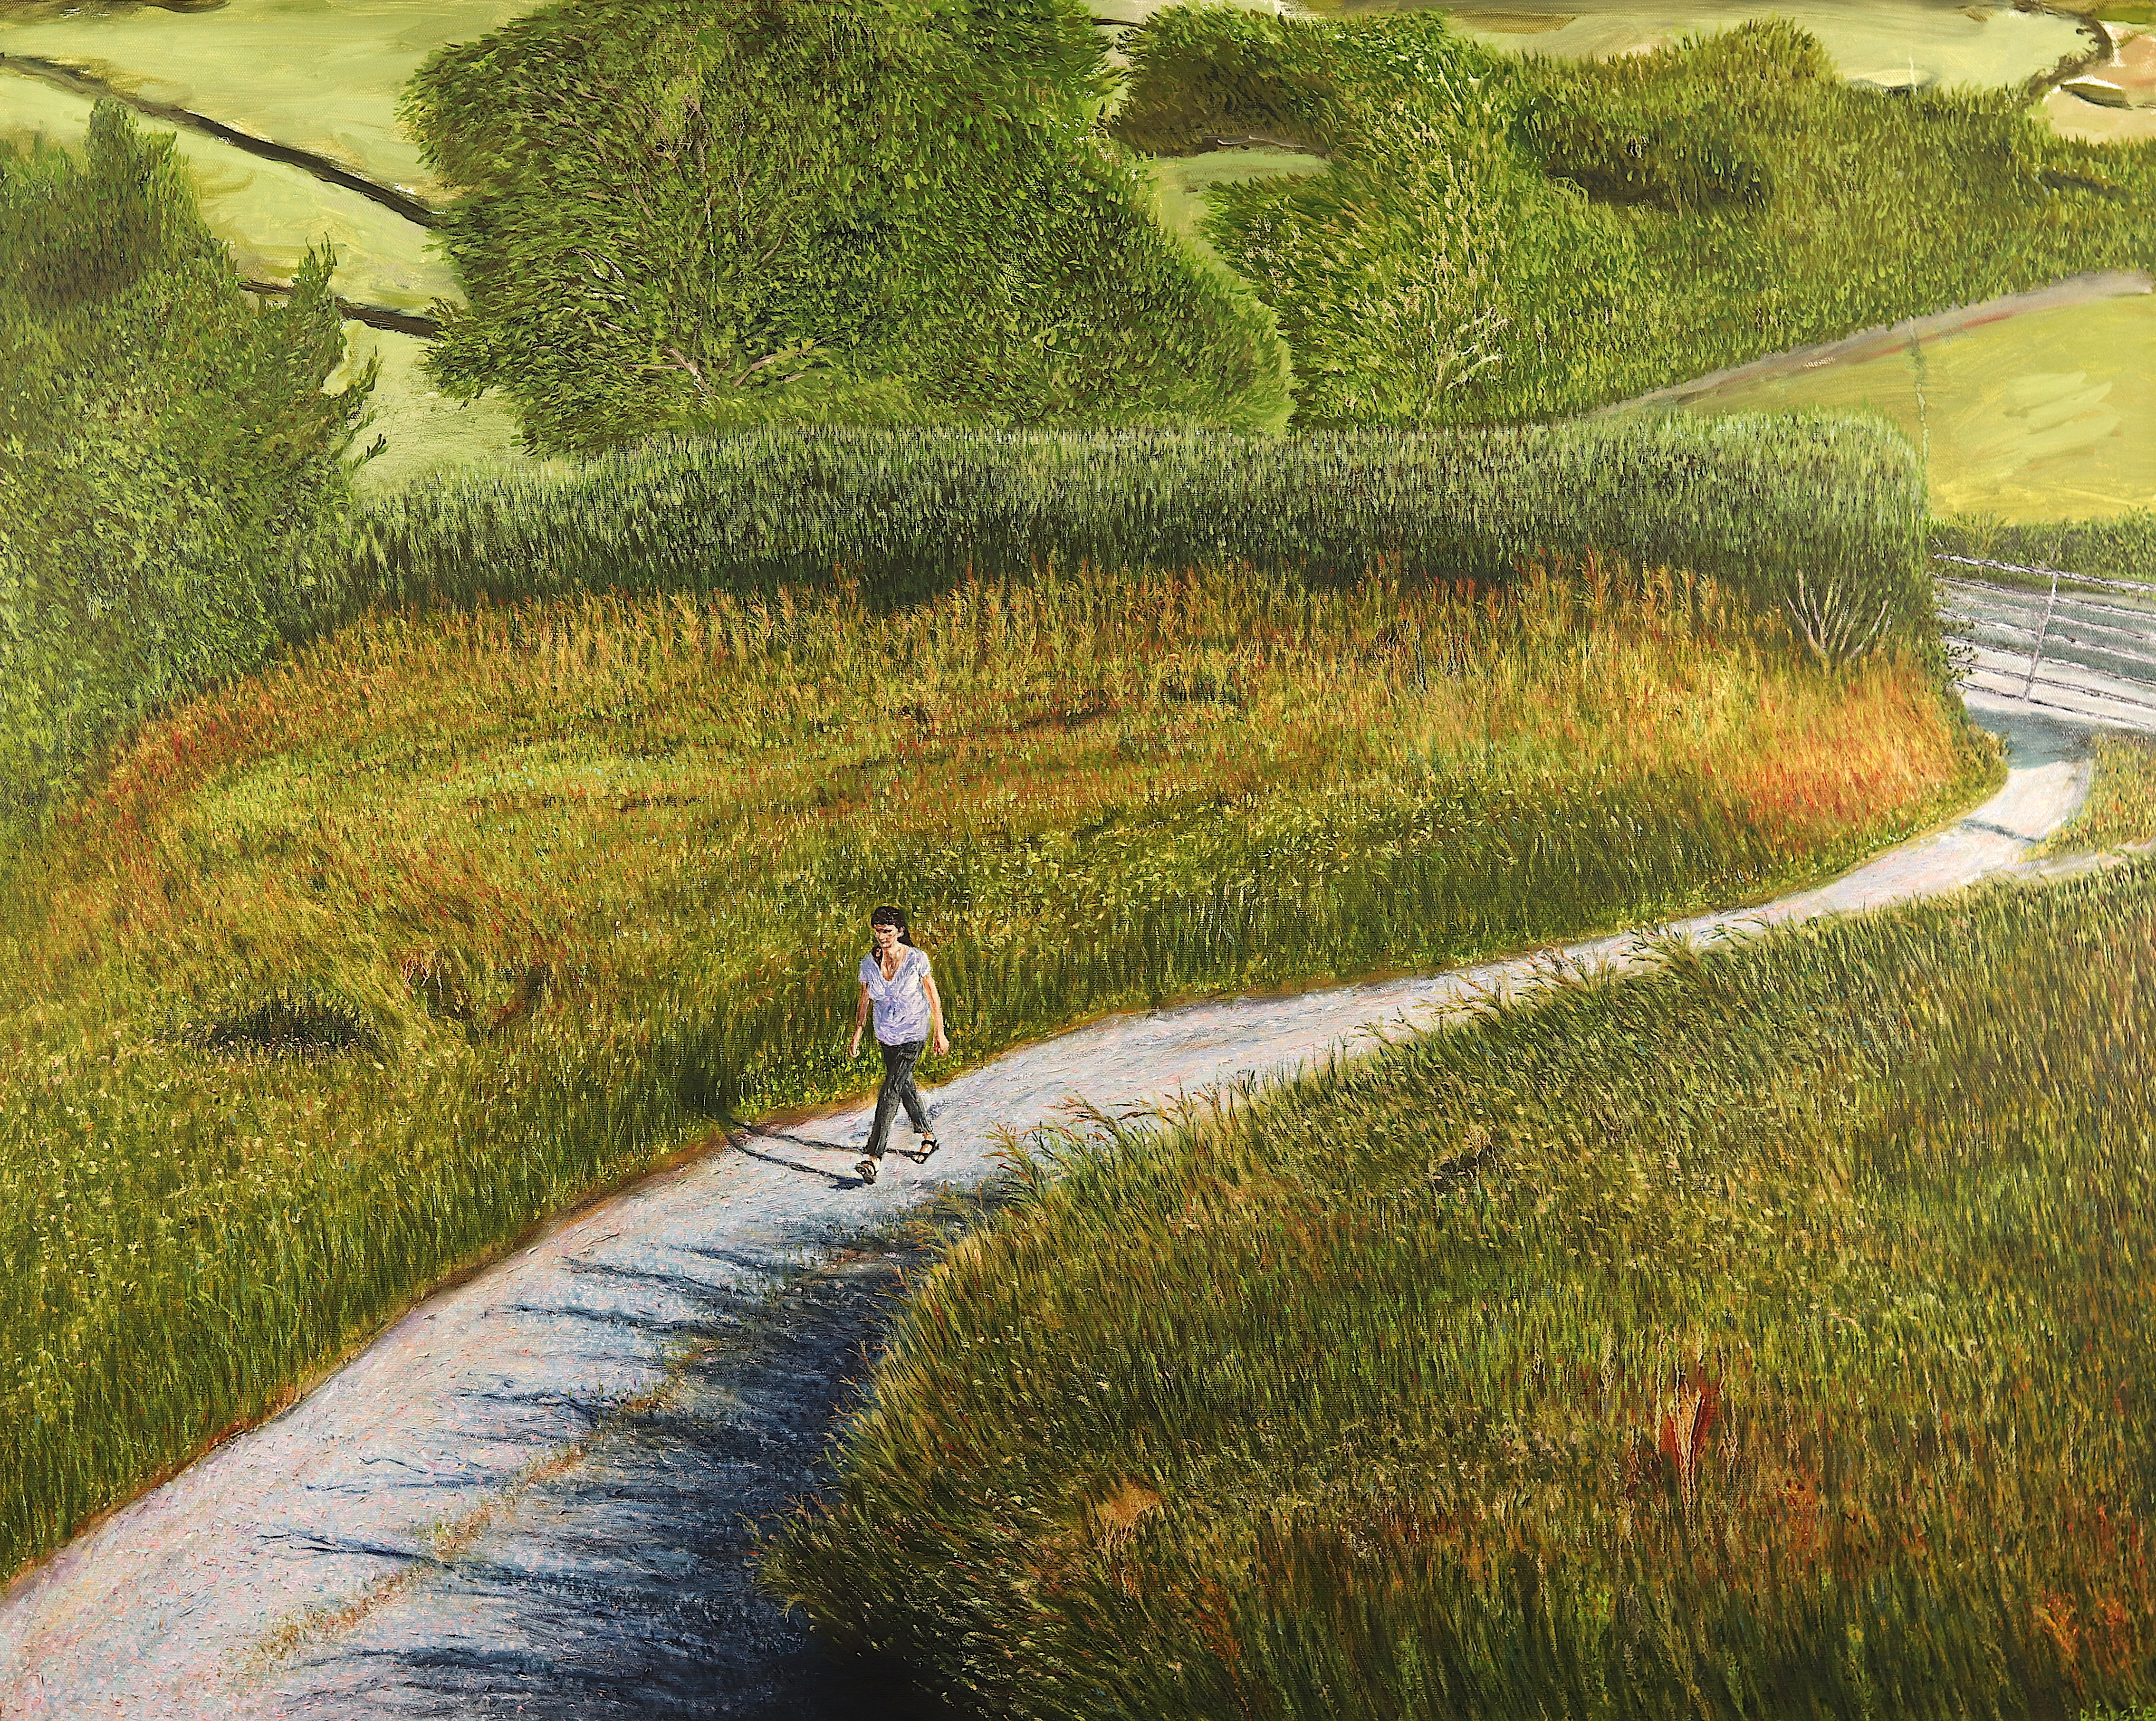 Summer, oil on canvas, 80 x 100 cm